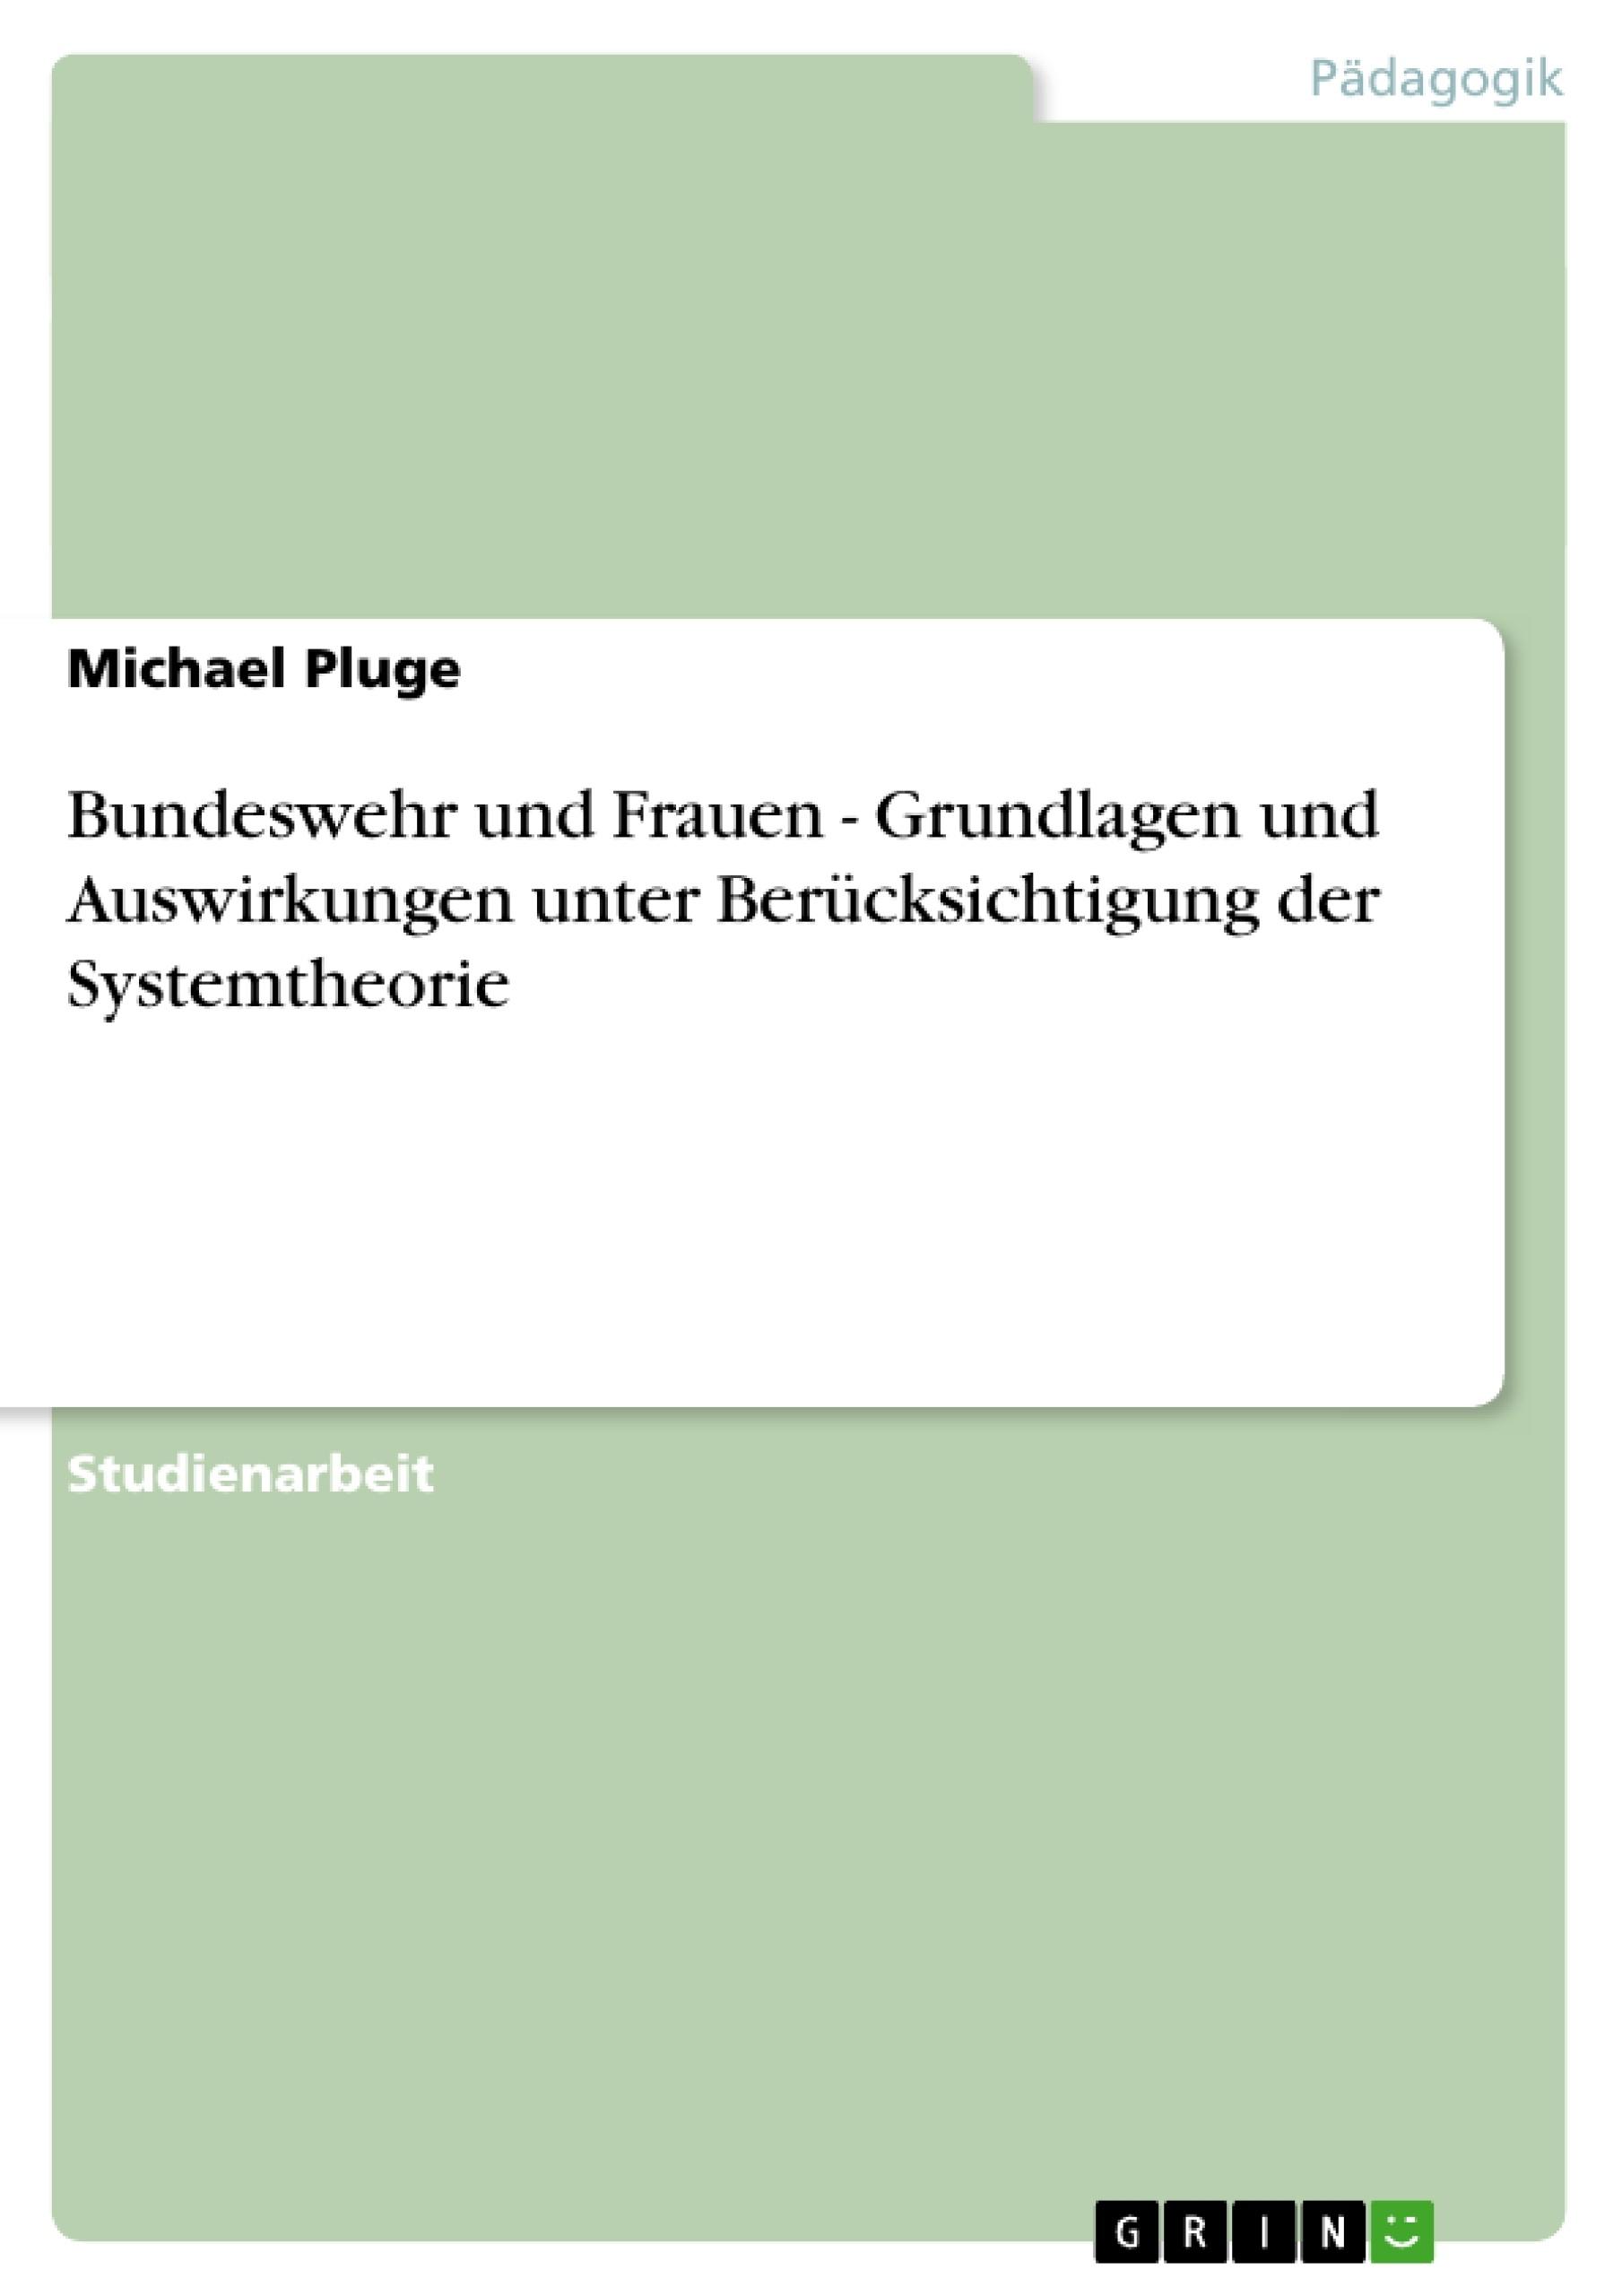 Titel: Bundeswehr und Frauen - Grundlagen und Auswirkungen unter Berücksichtigung der Systemtheorie